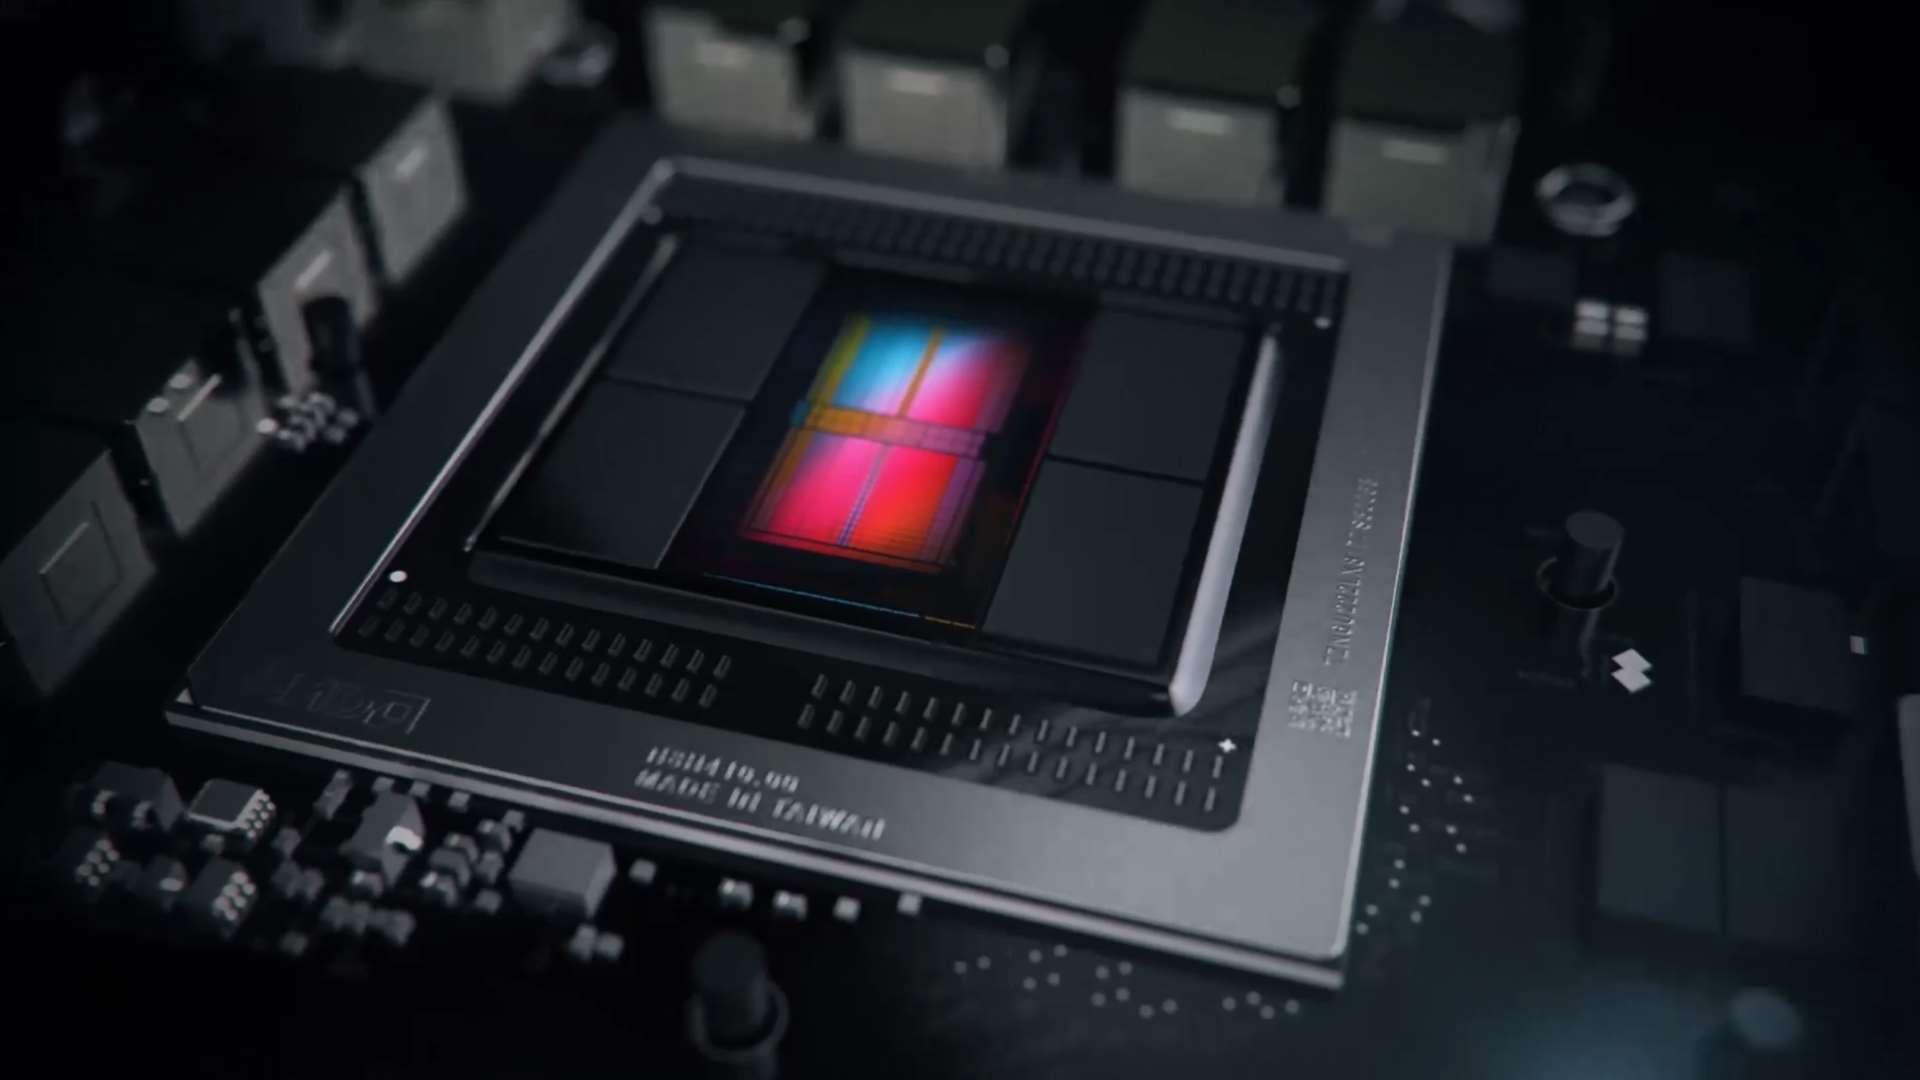 AMD запускает 7-нм Radeon RX 5500M и RX 5300M - новые конкуренты NVIDIA на рынке мобильных видеокарт.